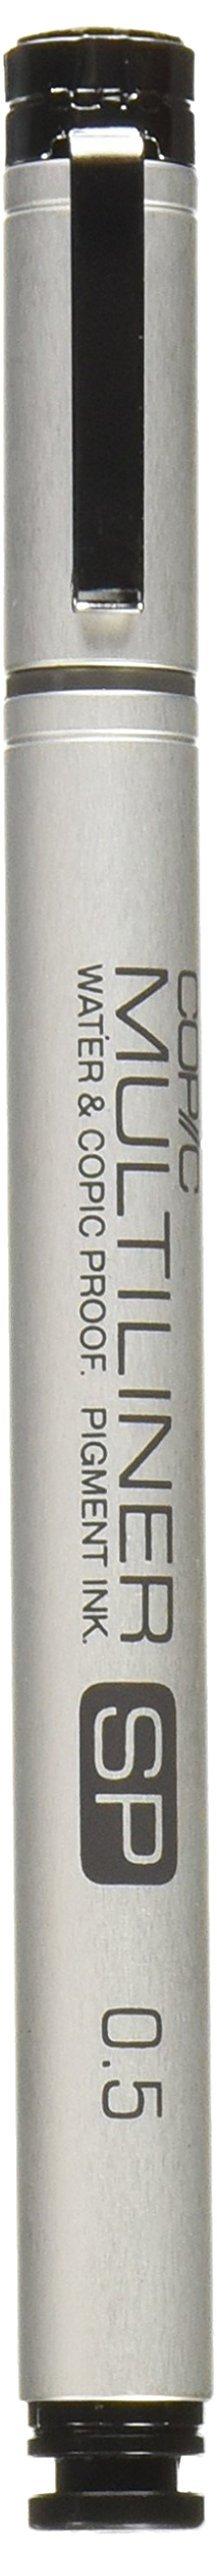 Copic Multiliner SP Black Ink Marker, 0.5 Tip by Copic Marker